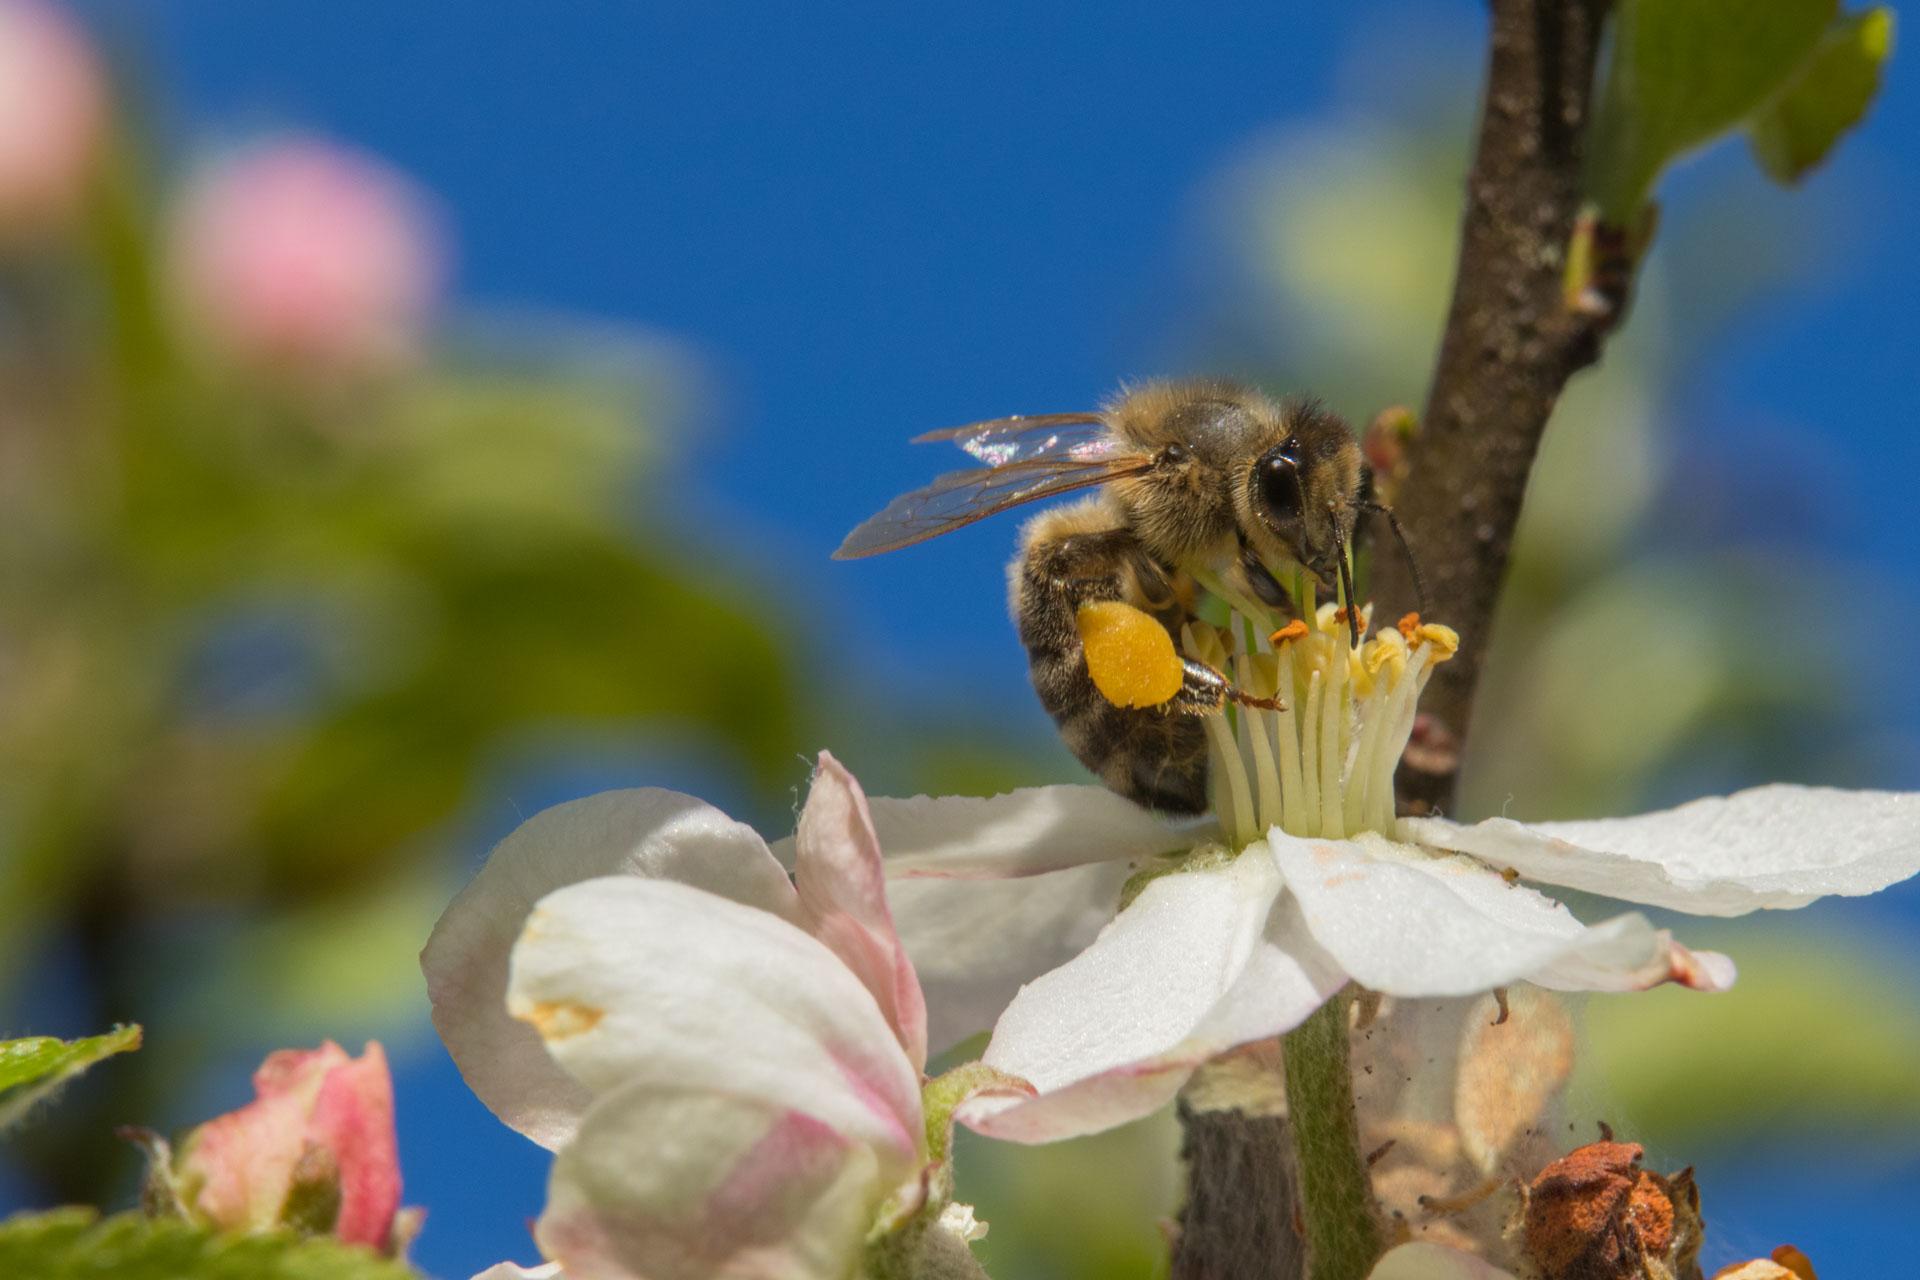 Honigbiene mit Pollensäckchen auf einer Obstblüte (Foto: Klaus Rühling)